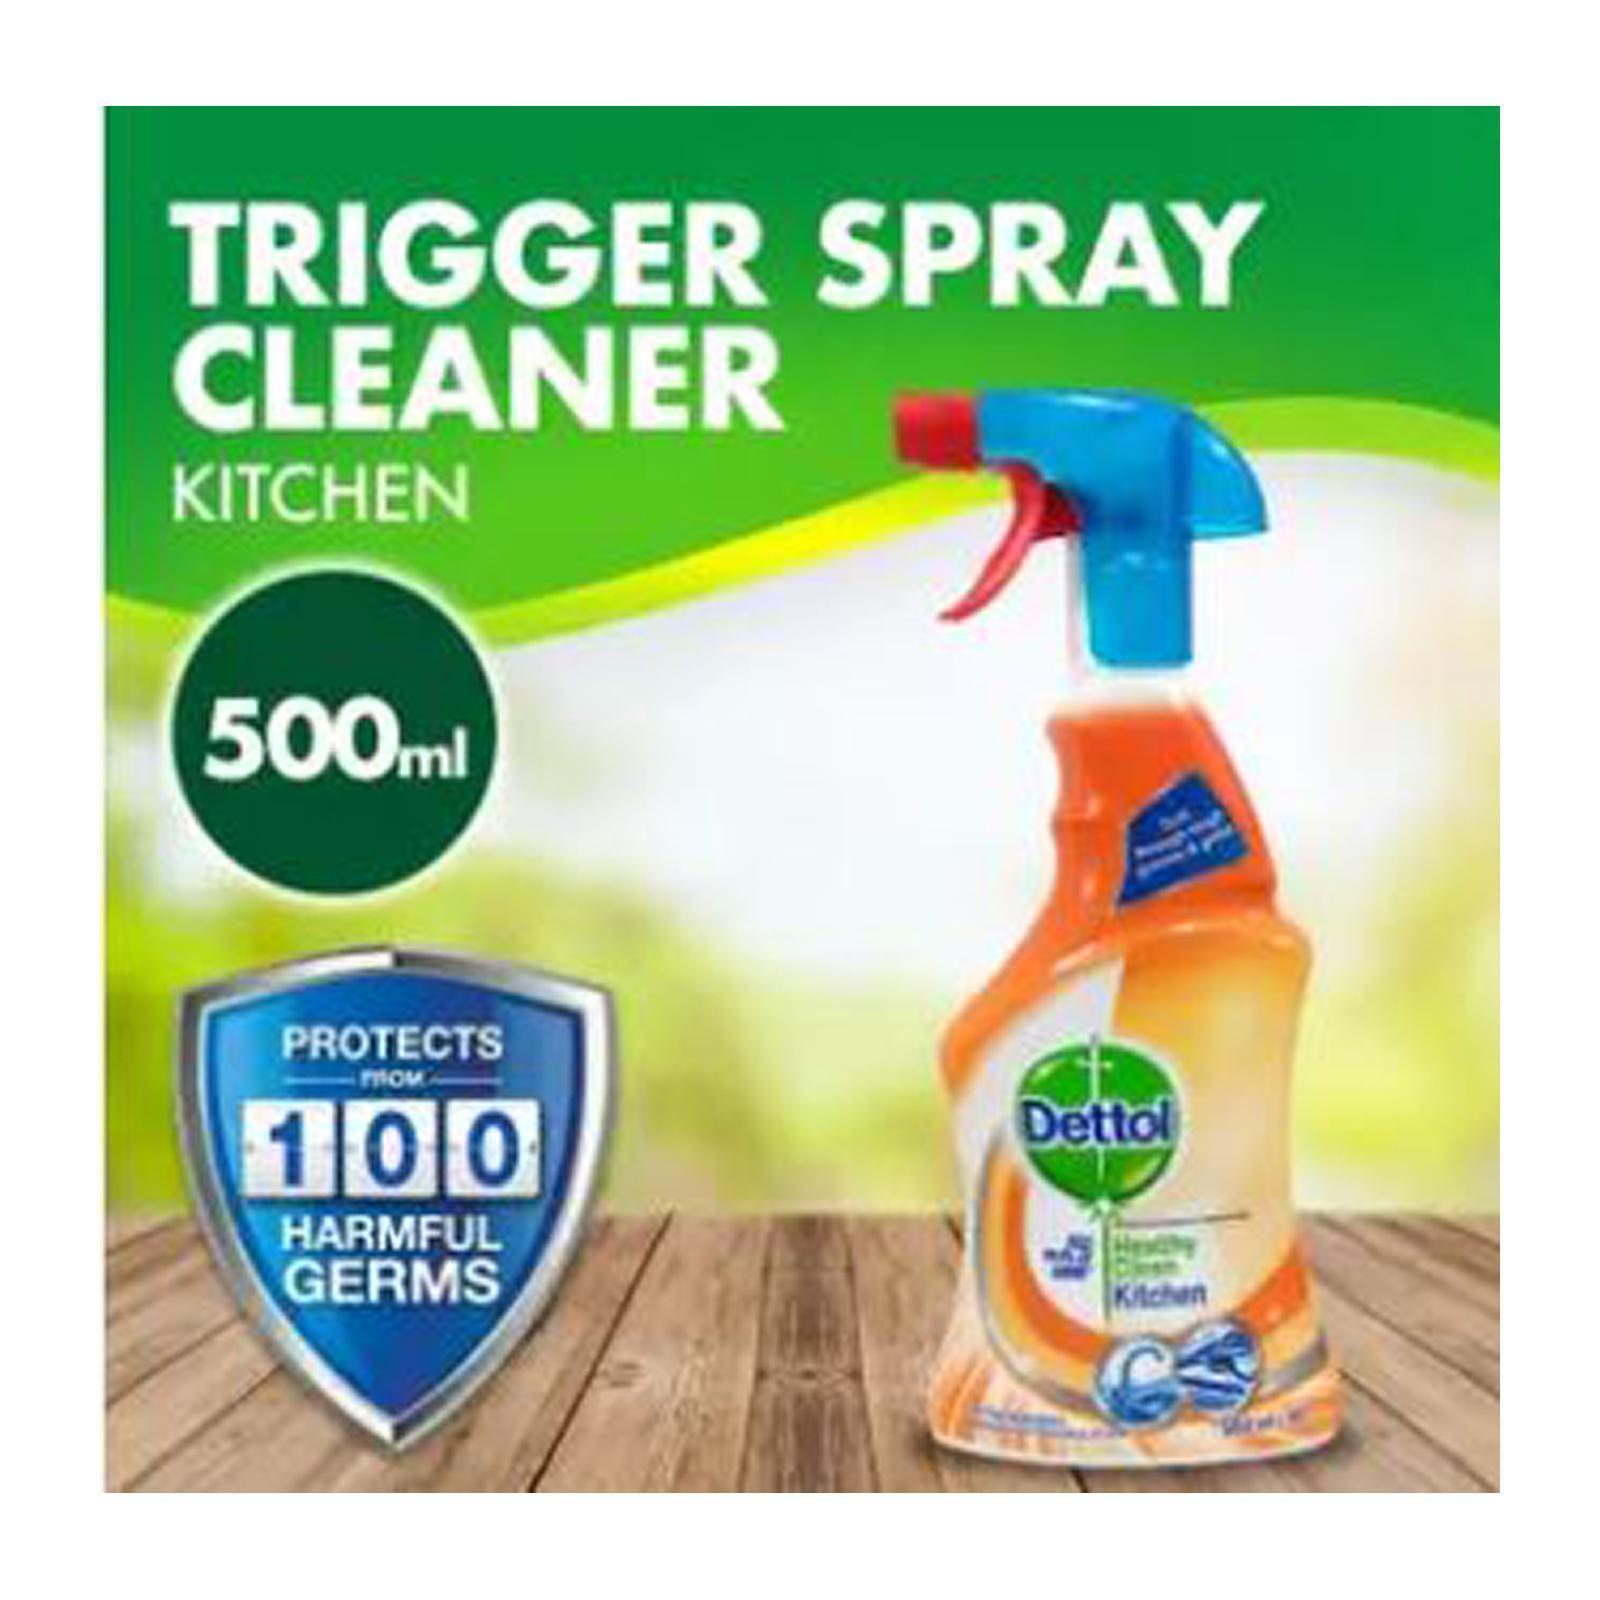 Dettol Kitchen Cleaner Trigger Spray 500ml